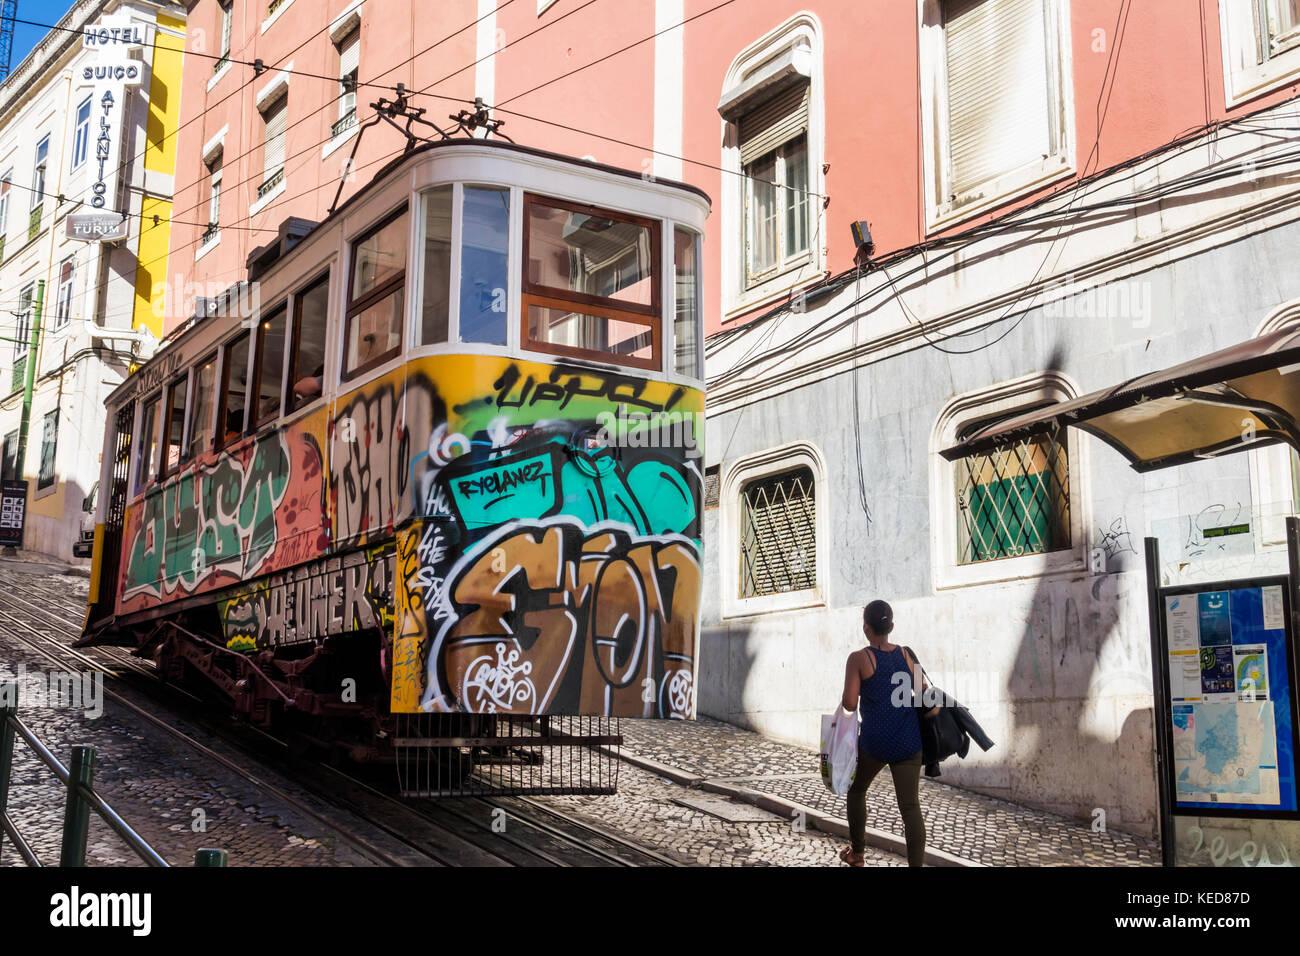 Lisbon Portugal Restauradores Square Ascensor da Gloria Elevador tram funicular railway - Stock Image